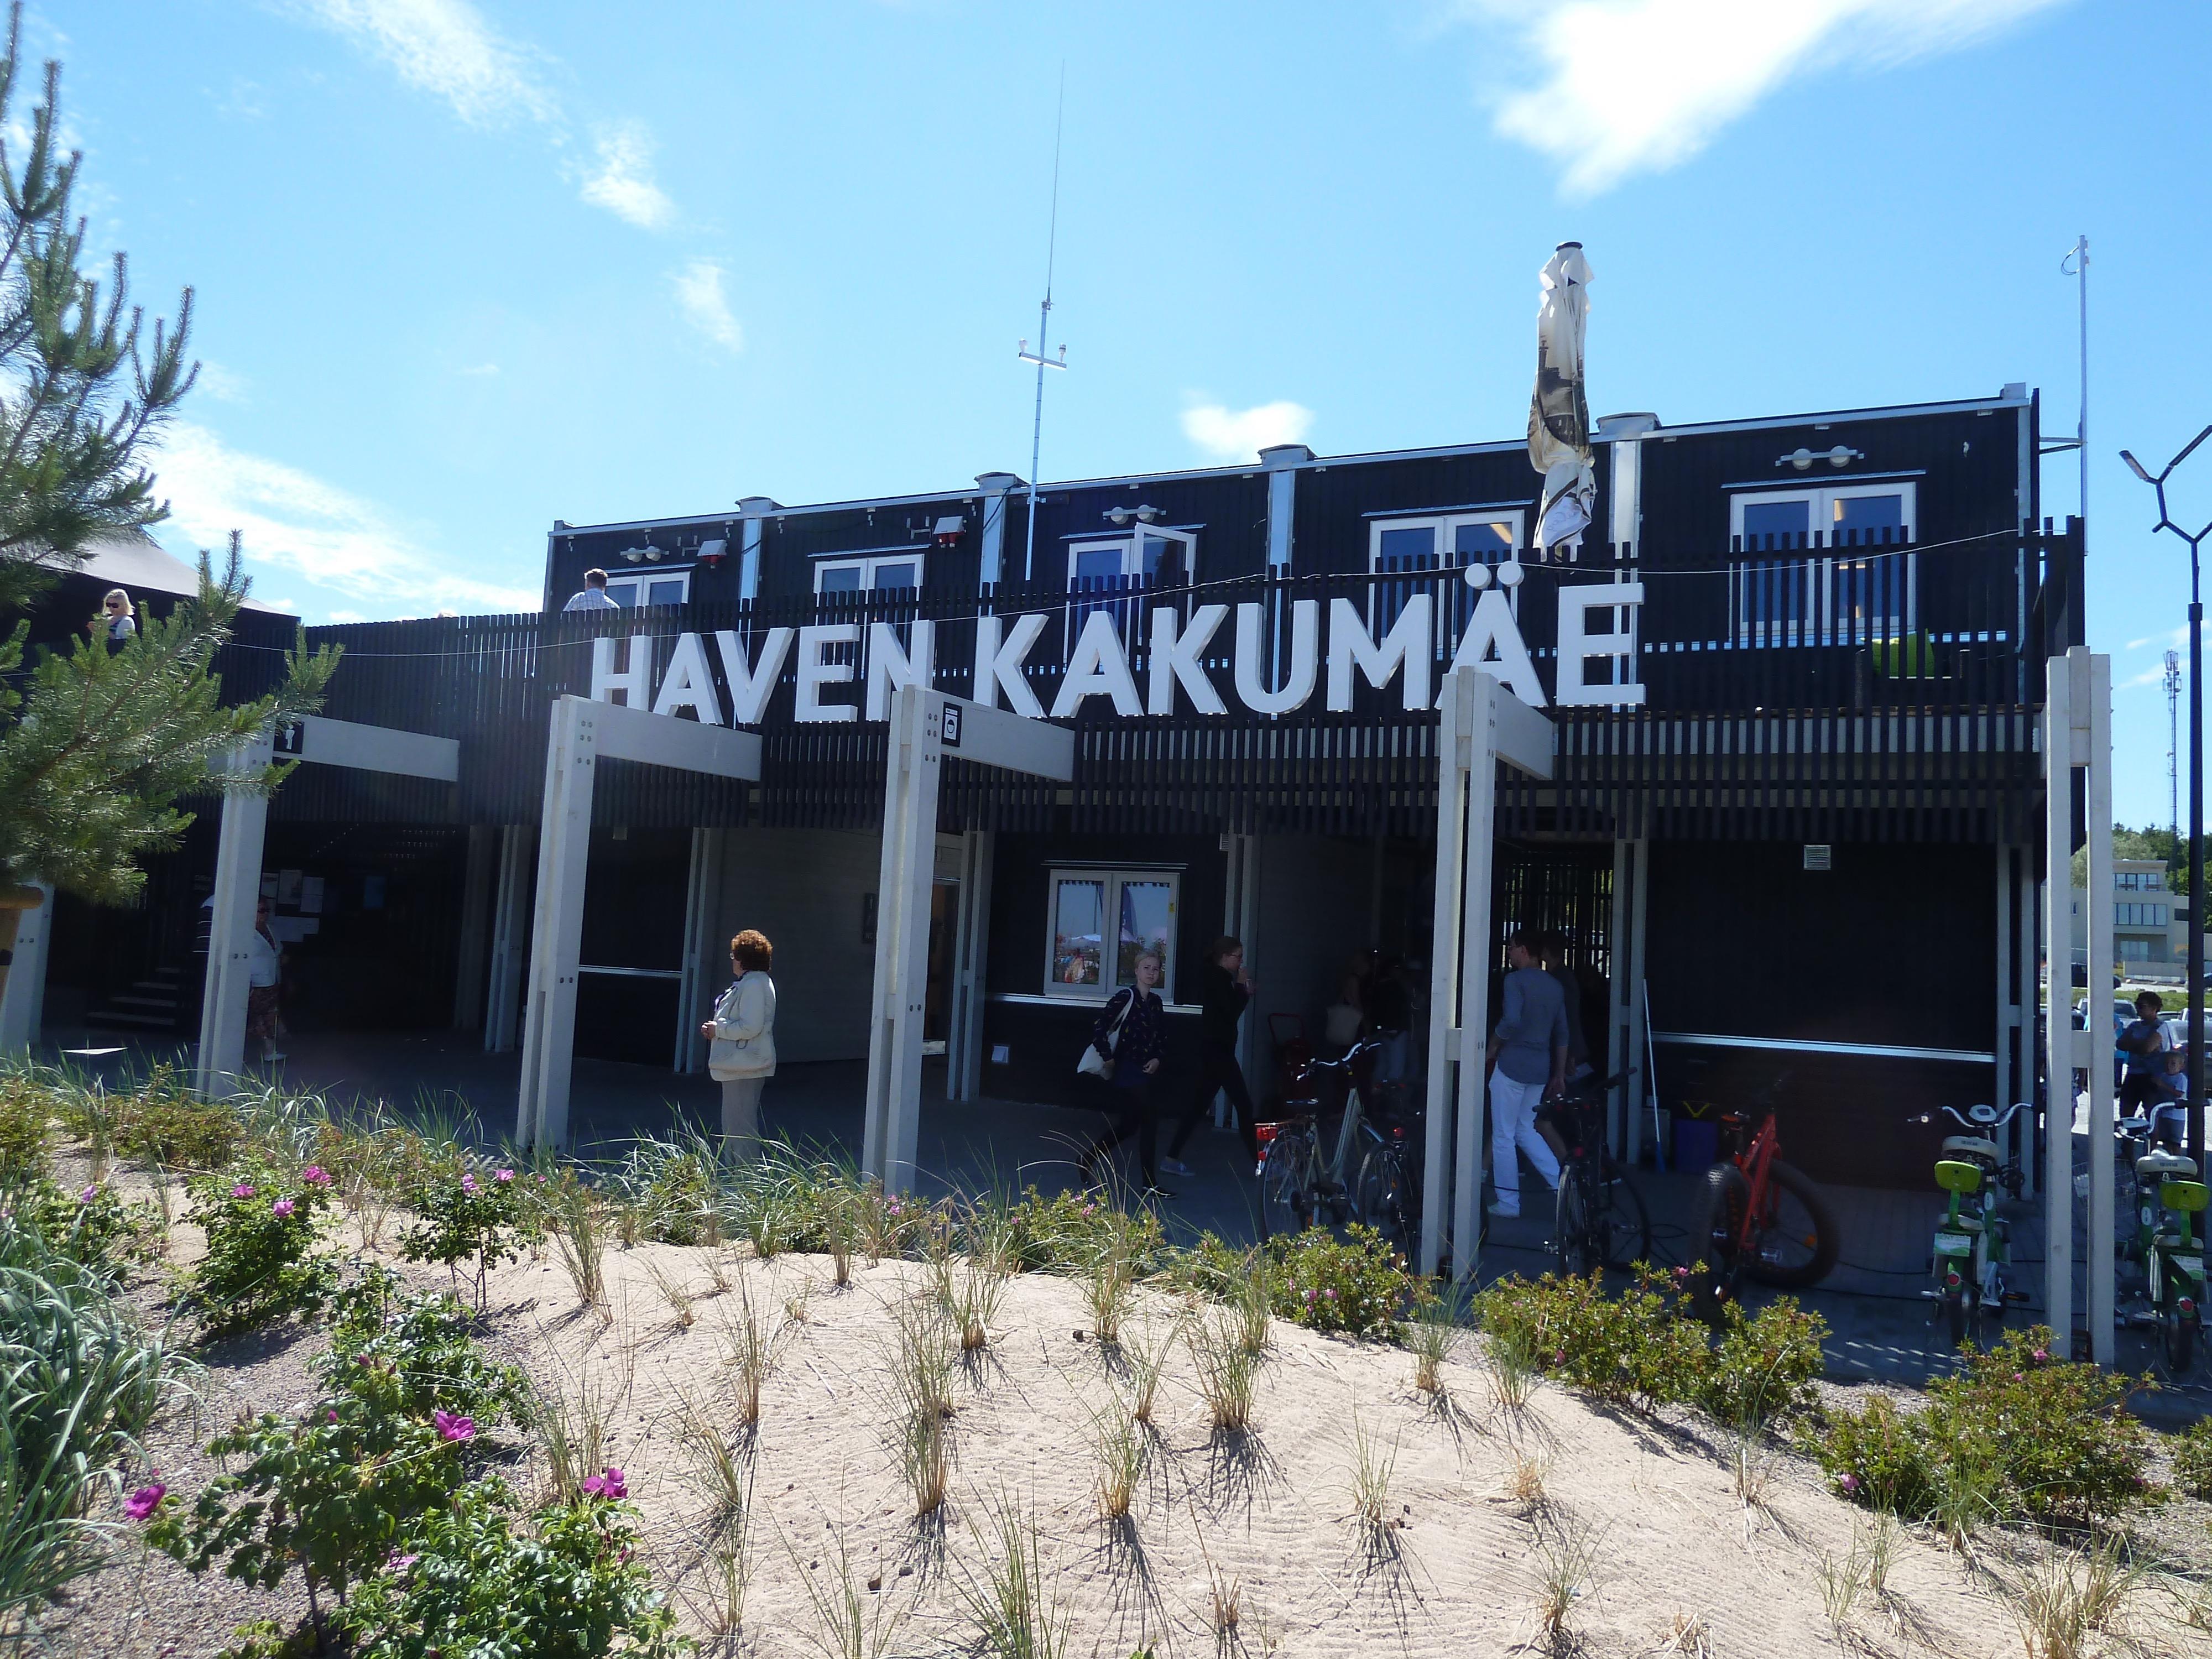 haven kakumae